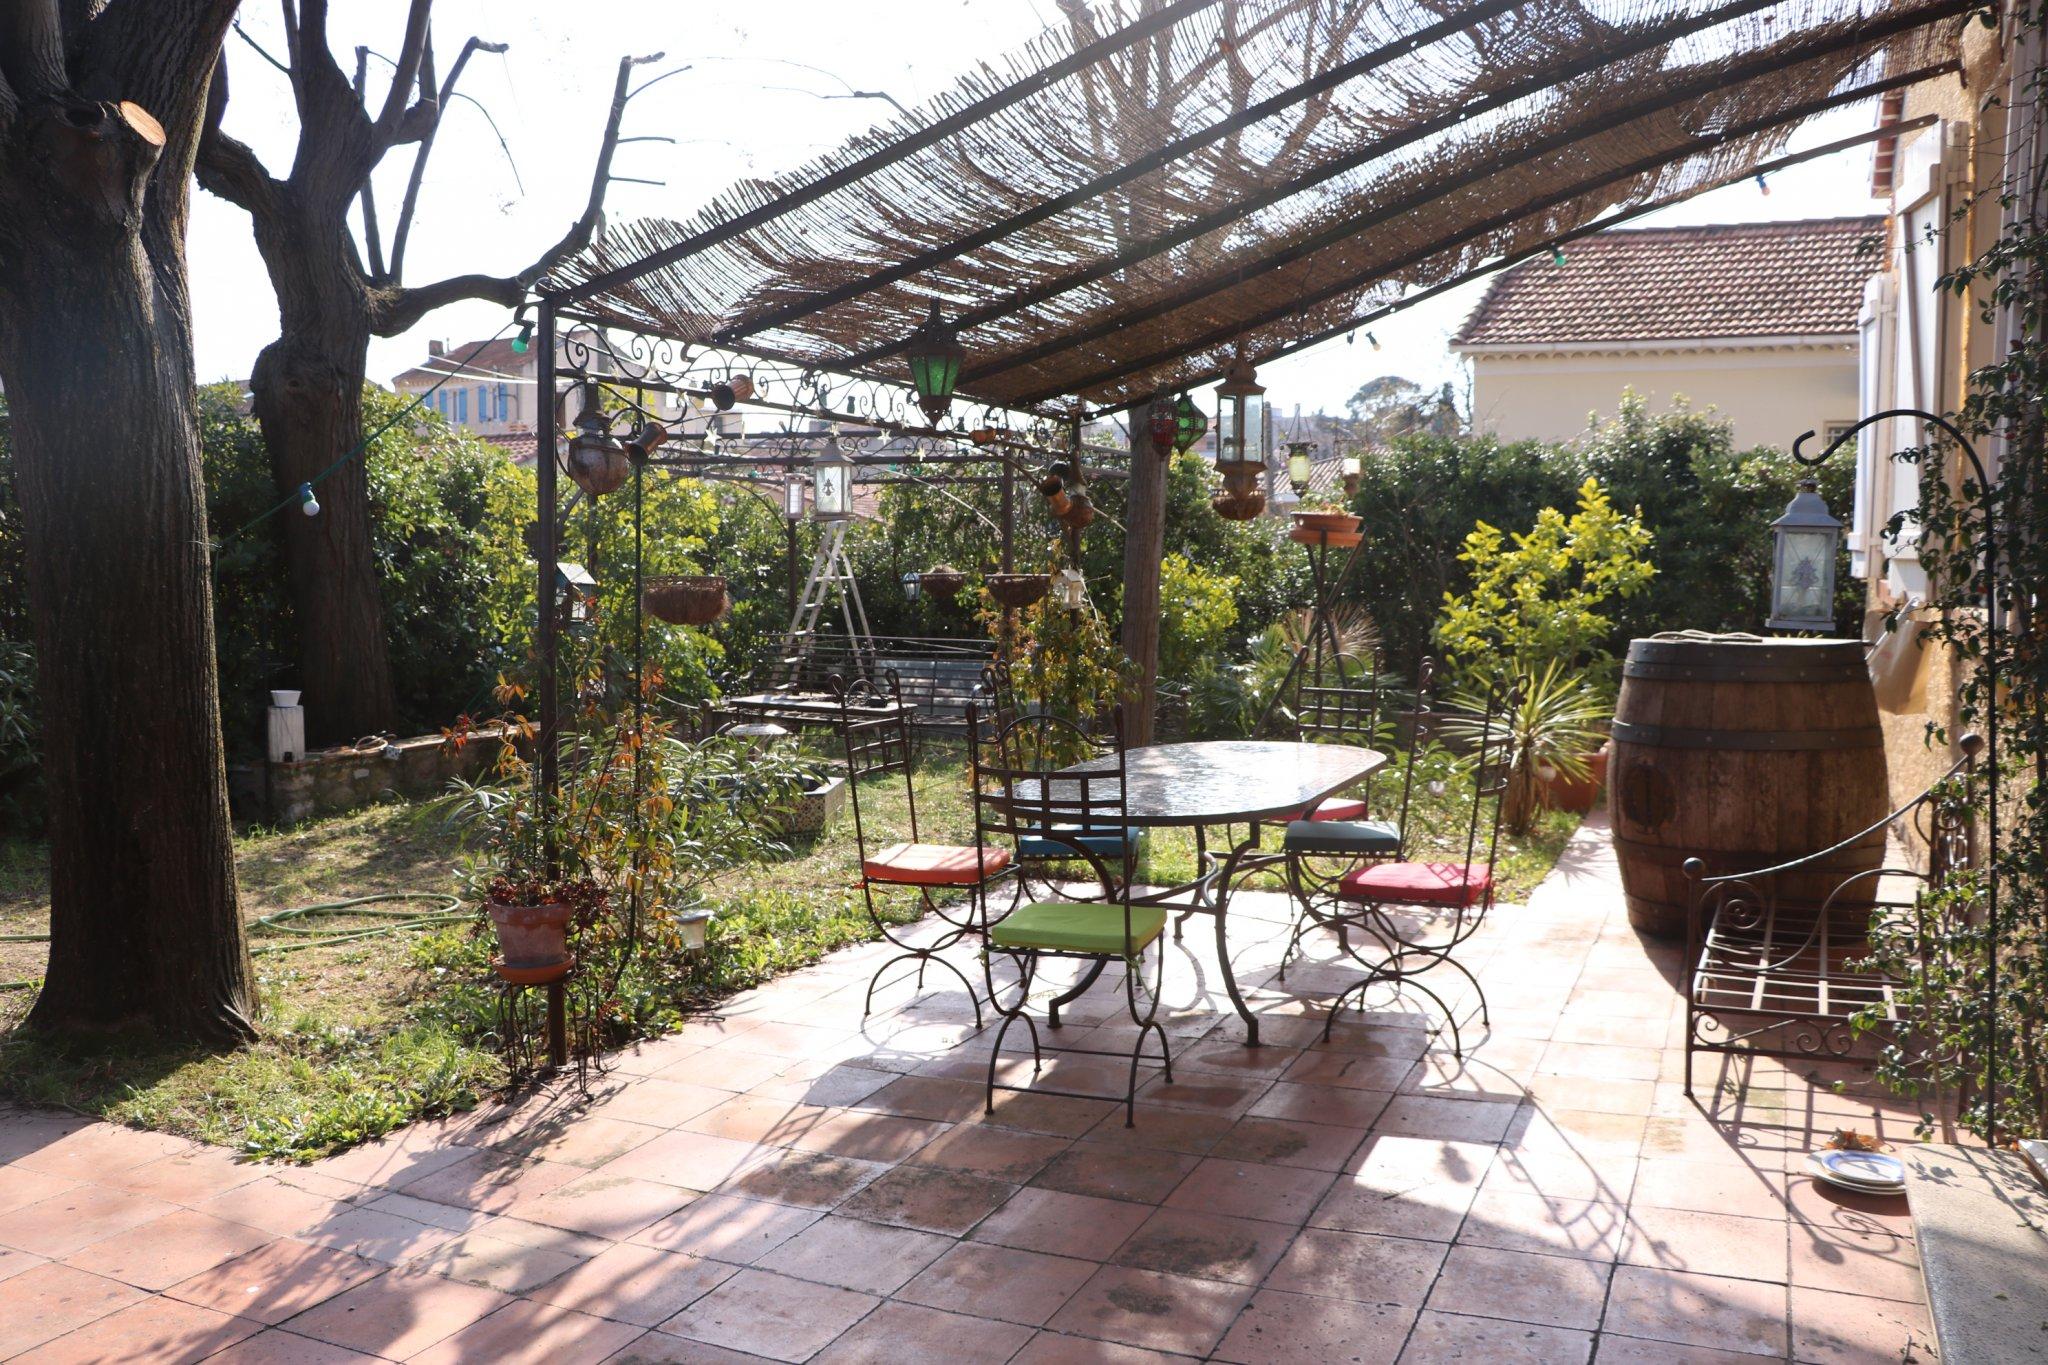 Vente achat maison villa toulon 83000 for Agence de vente de maison